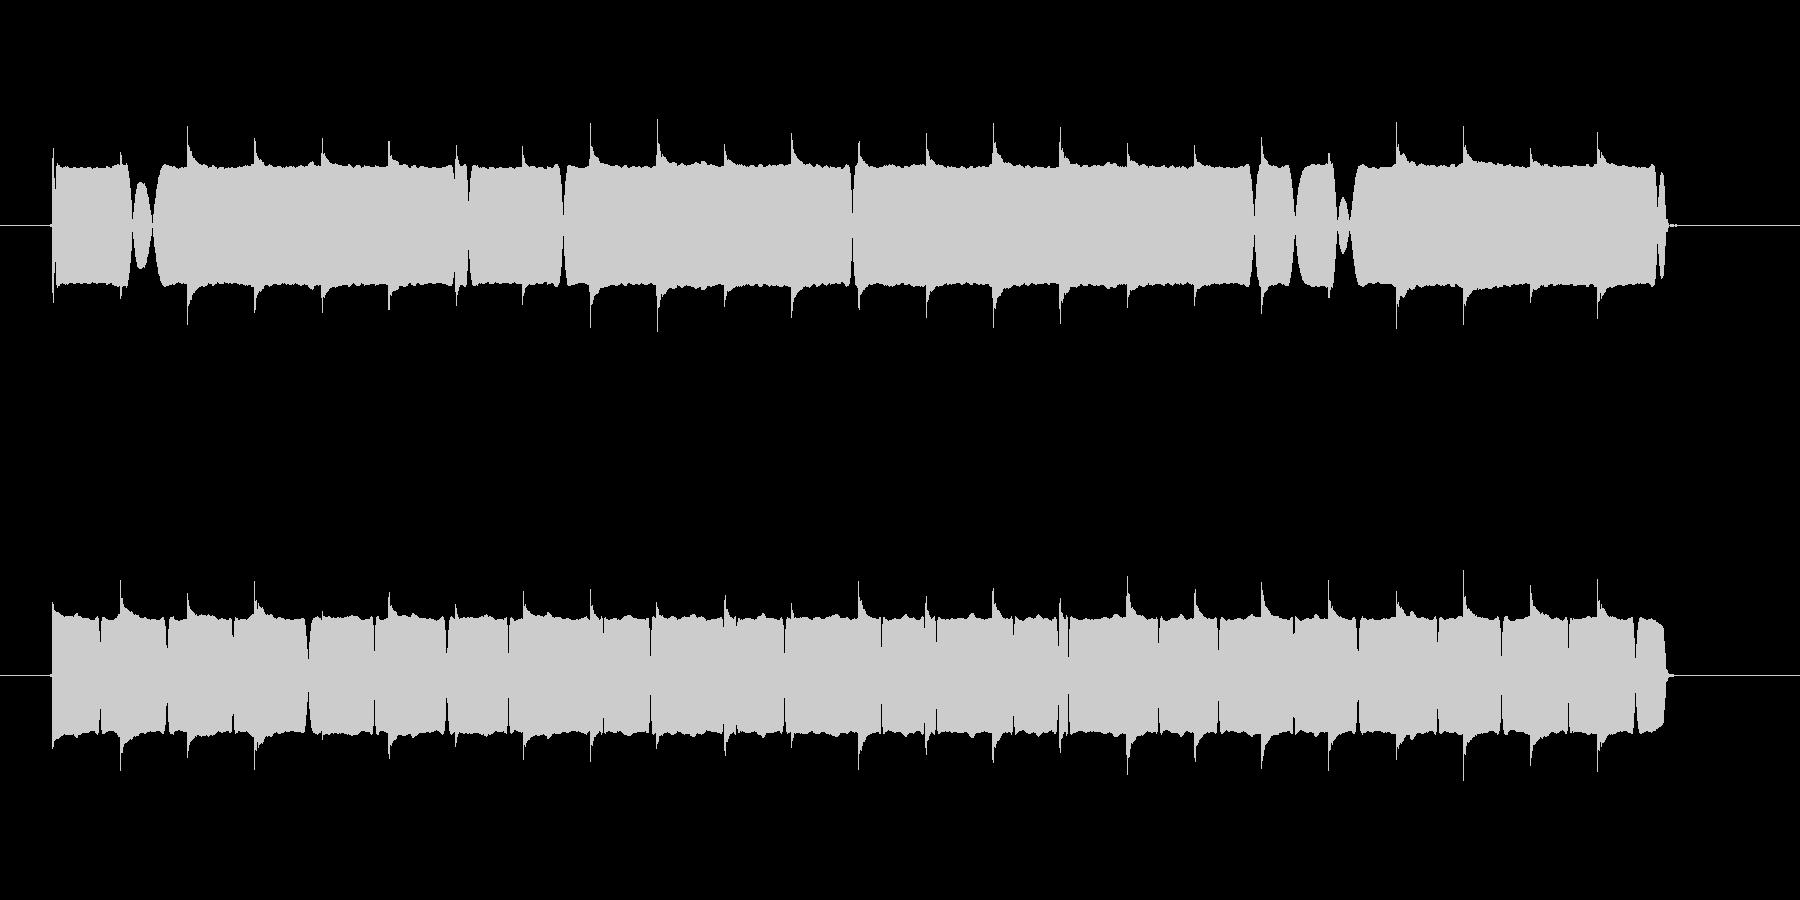 低めの音質のサイレン音の未再生の波形